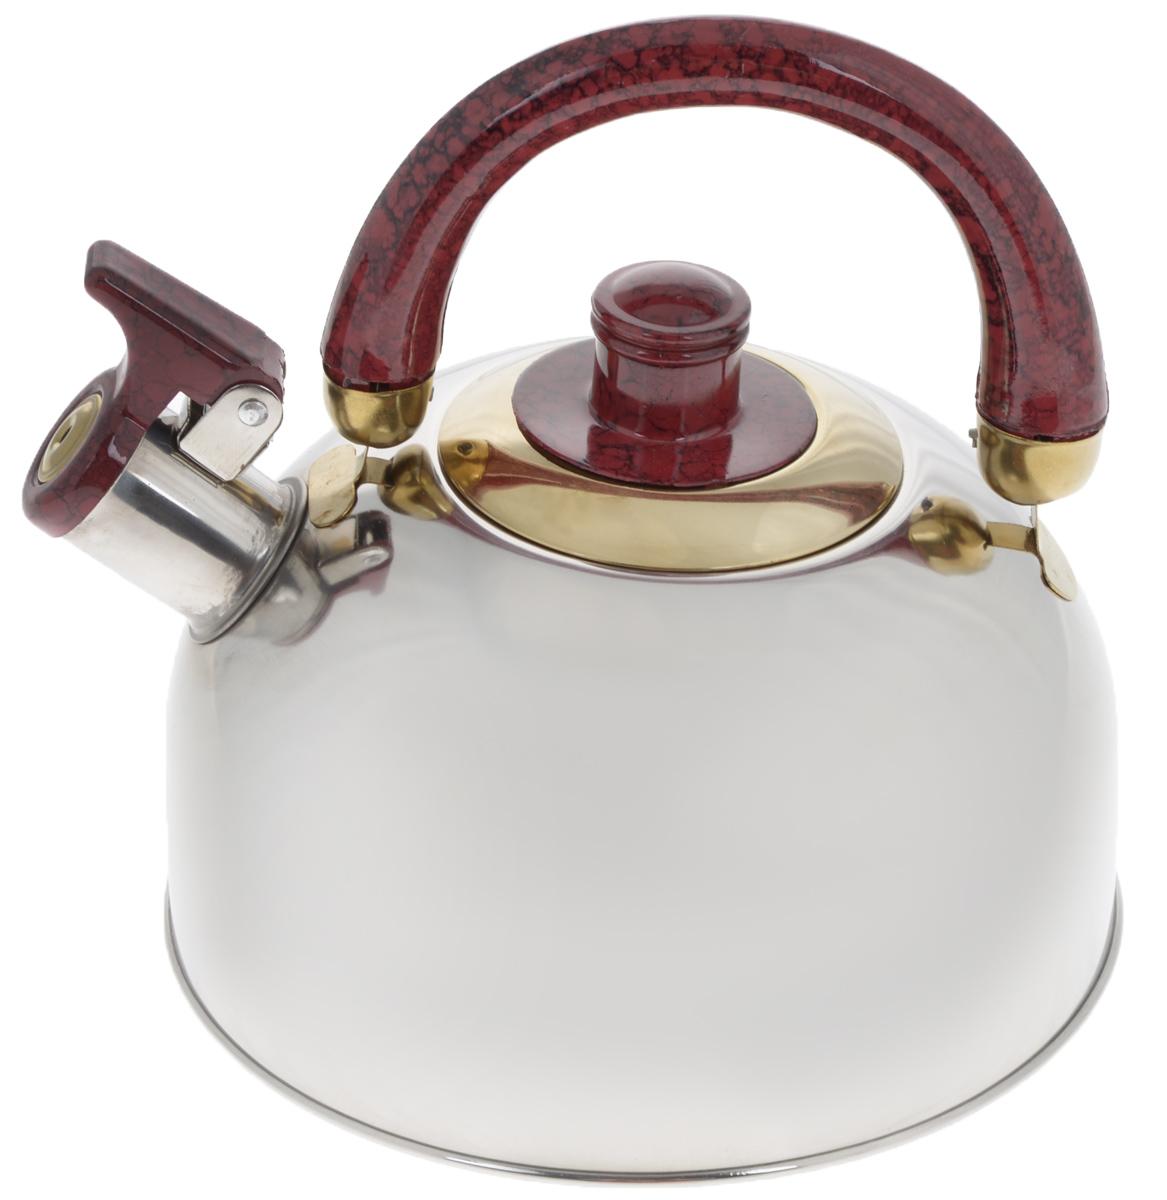 Чайник Mayer & Boch, со свистком, цвет: стальной, бордовый, золотистый, 3 л. 16221622_стальной, бордовый, золотойЧайник Mayer & Boch изготовлен из высококачественной нержавеющей стали, что делает его весьма гигиеничным и устойчивым к износу при длительном использовании. Утолщенное дно обеспечивает равномерный и быстрый нагрев, поэтому вода закипает гораздо быстрее, чем в обычных чайниках. Чайник оснащен откидным свистком, звуковой сигнал которого подскажет, когда закипит вода. Подвижная ручка из бакелита дает дополнительное удобство при разлитии напитка. Чайник Mayer & Boch идеально впишется в интерьер любой кухни и станет замечательным подарком к любому случаю. Подходит для газовых, стеклокерамических, галогеновых и электрических плит. Не подходит для индукционных. Можно мыть в посудомоечной машине. Высота чайника (без учета ручки и крышки): 10 см. Высота чайника (с учетом ручки и крышки): 19 см. Диаметр чайника (по верхнему краю): 8,5 см.